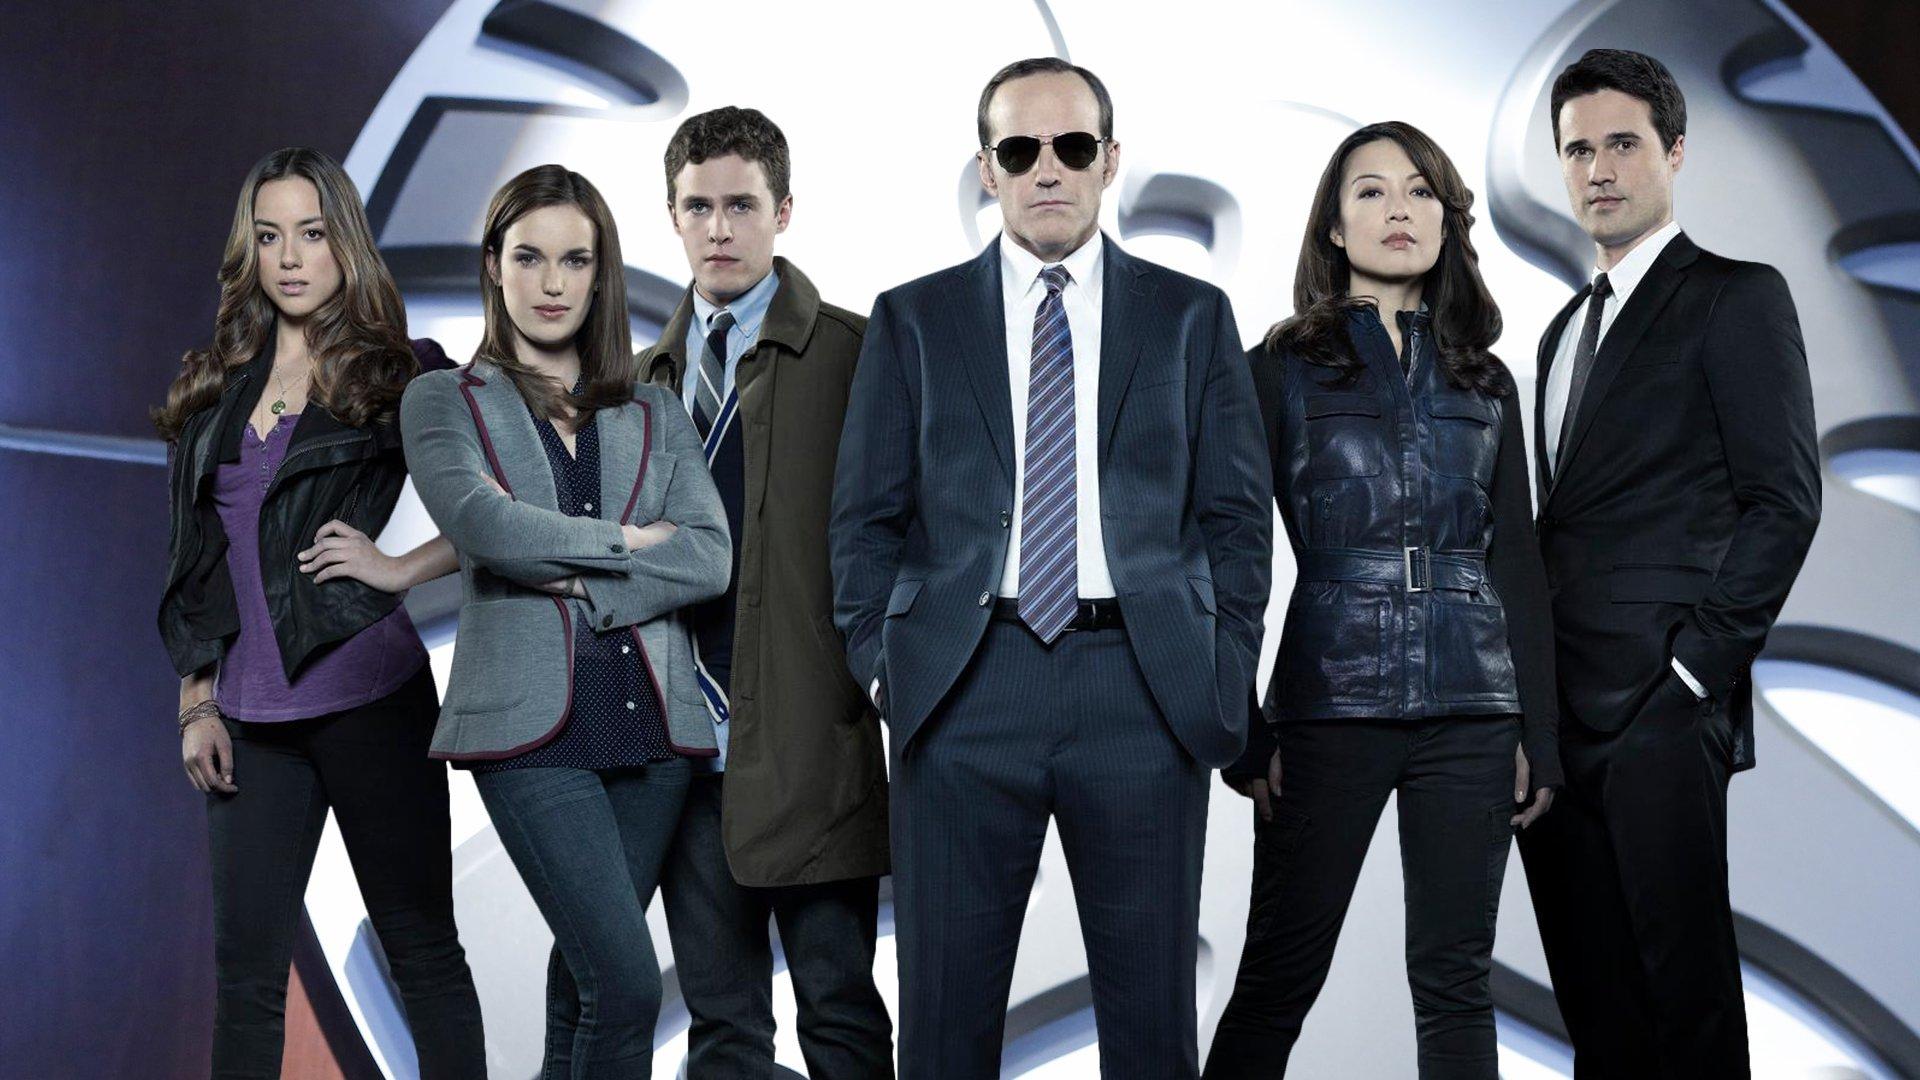 Топ 5 злодеев сериала Агенты Щ.И.Т. Первый сезон. [spoiler alert]. - Изображение 1